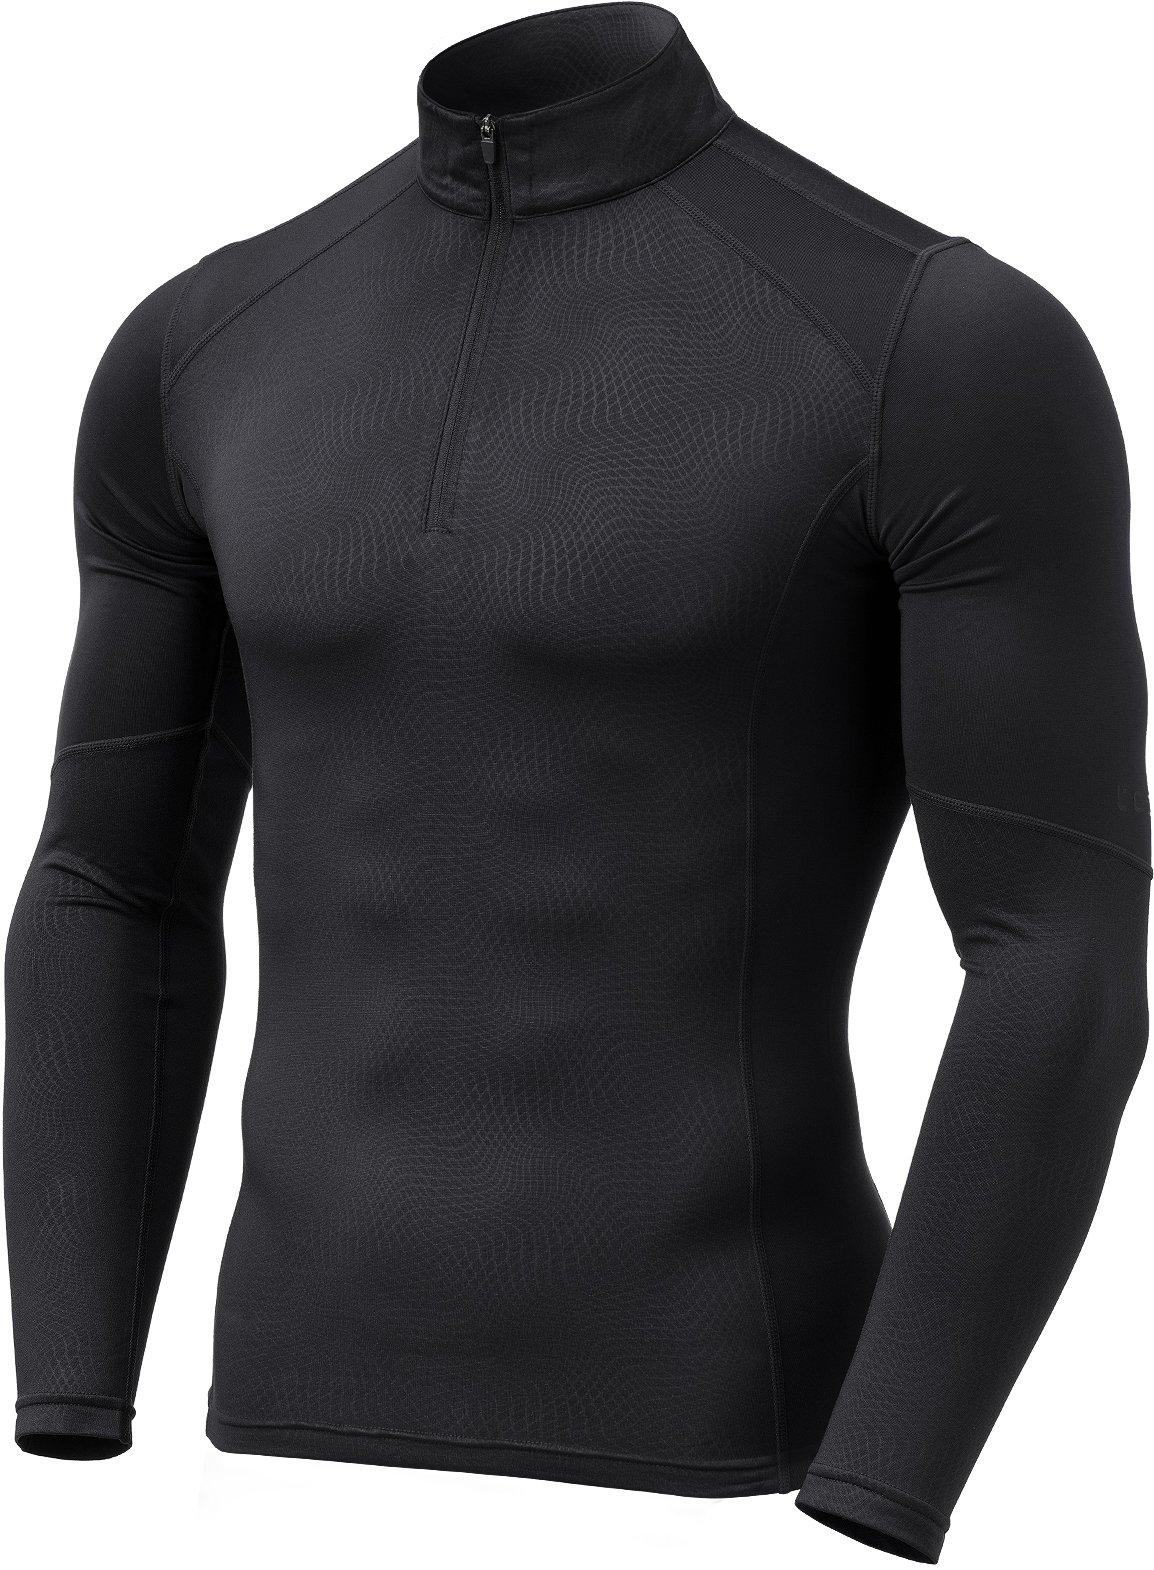 TM-YUZ47-BLK_Medium Tesla Men's Emboss 1/4 Zip Sweatshirt Thermal Wintergear Fleece Lining YUZ47